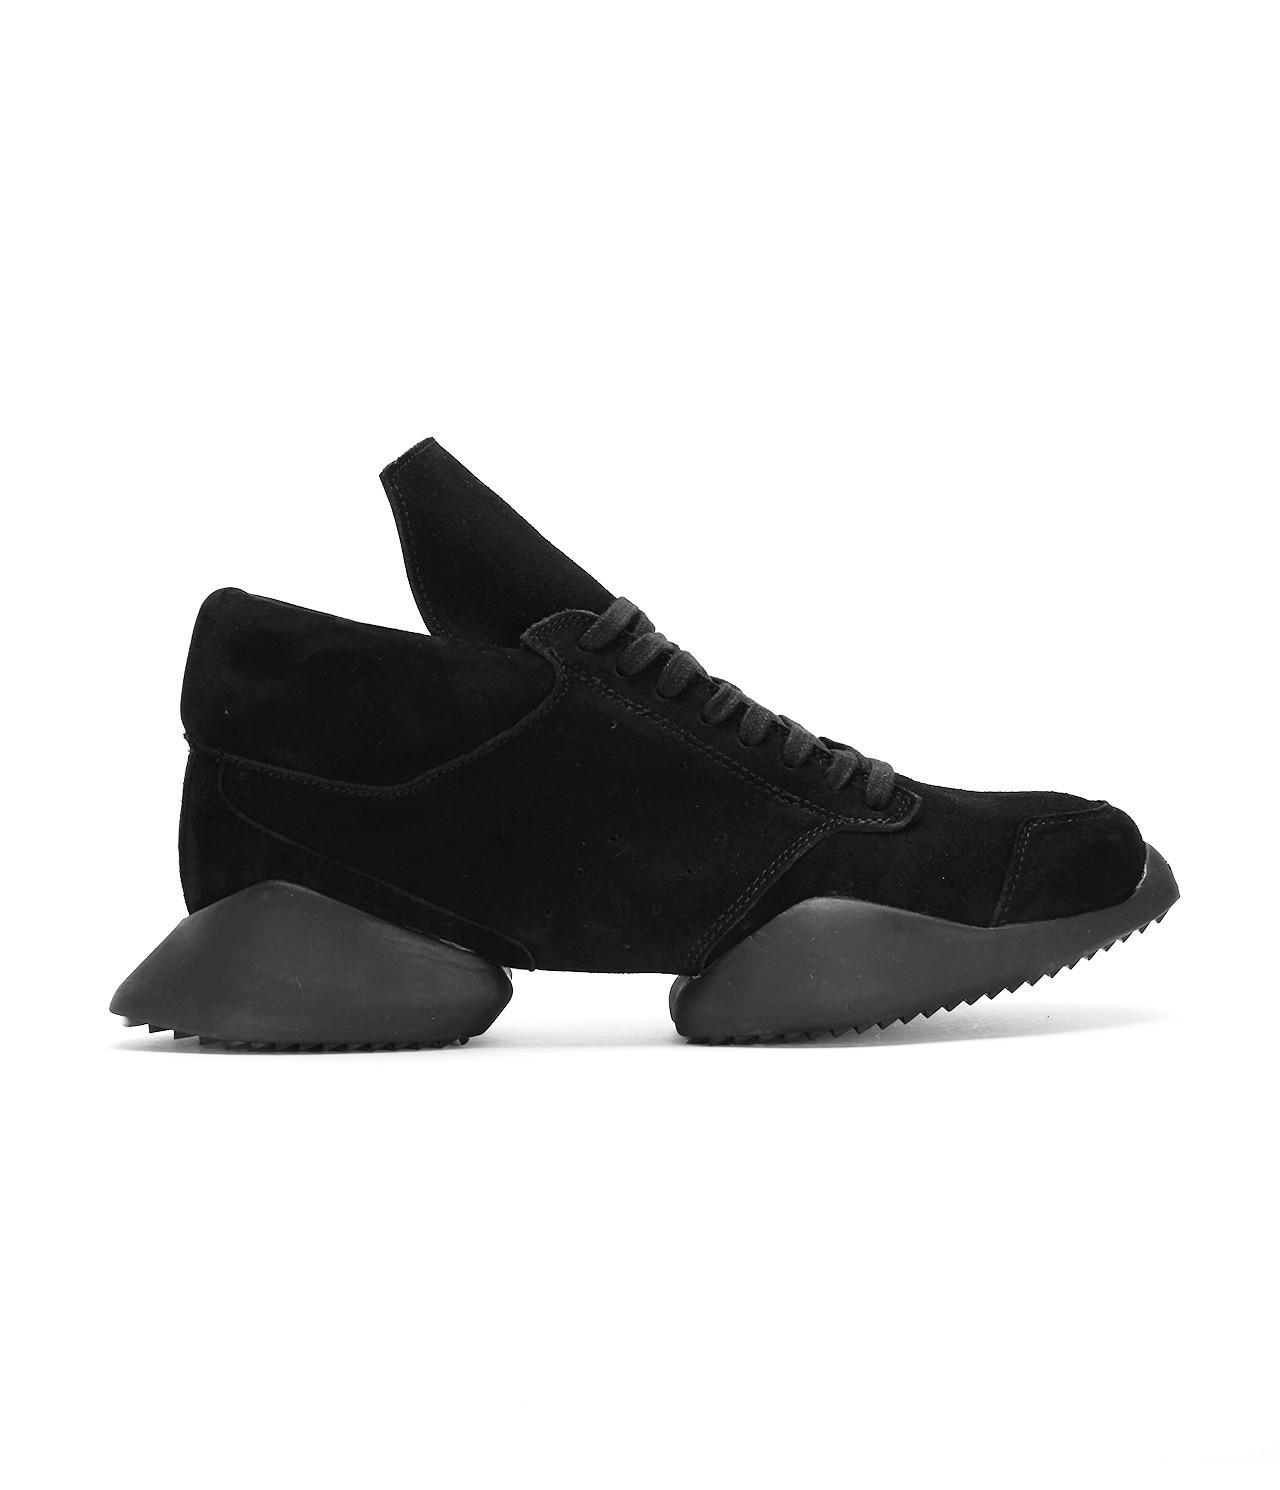 Adidas By Rick Owens Sneakers 'Level Sock' - Black farfetch neri Pelle En Italia En Línea Venta 100% Originales Footaction Descuento Populares Barato OL4wlxfK8